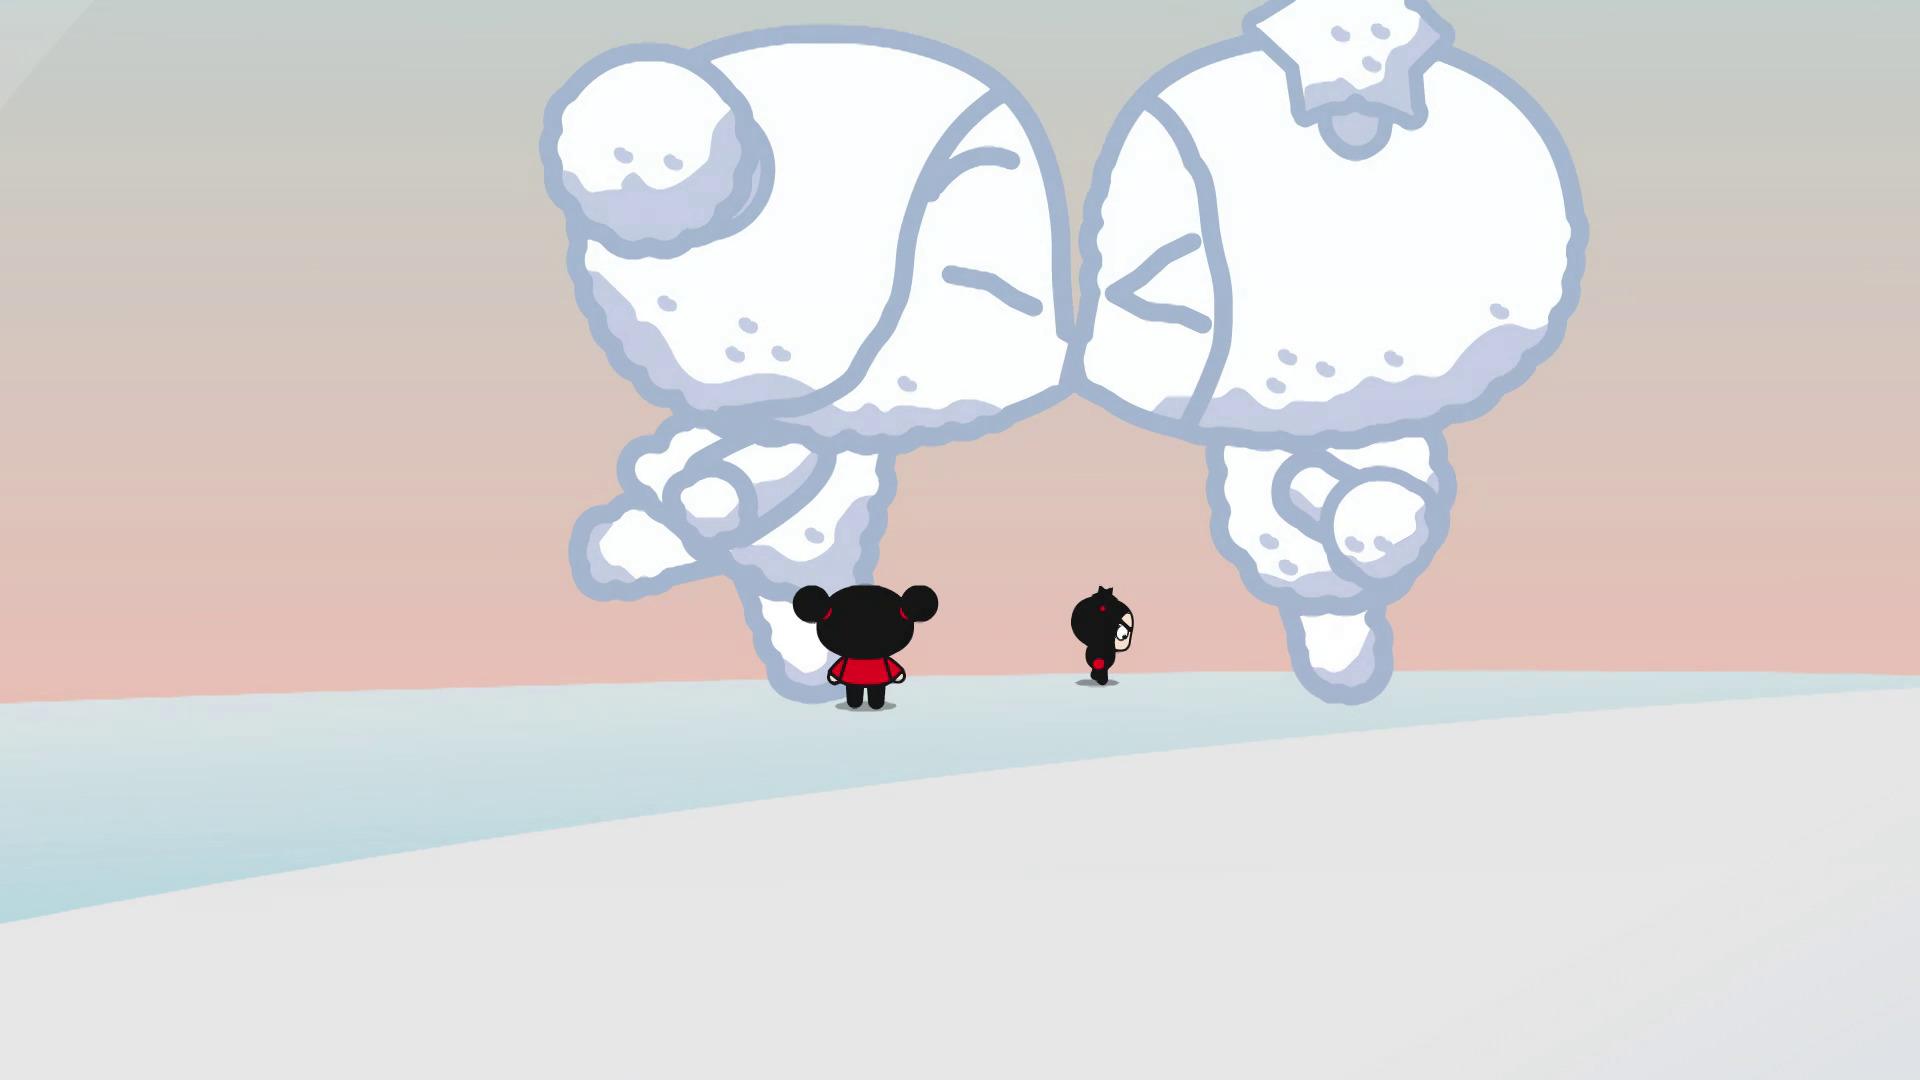 Temporada 1 T1 - C17: Ninjas de nieve